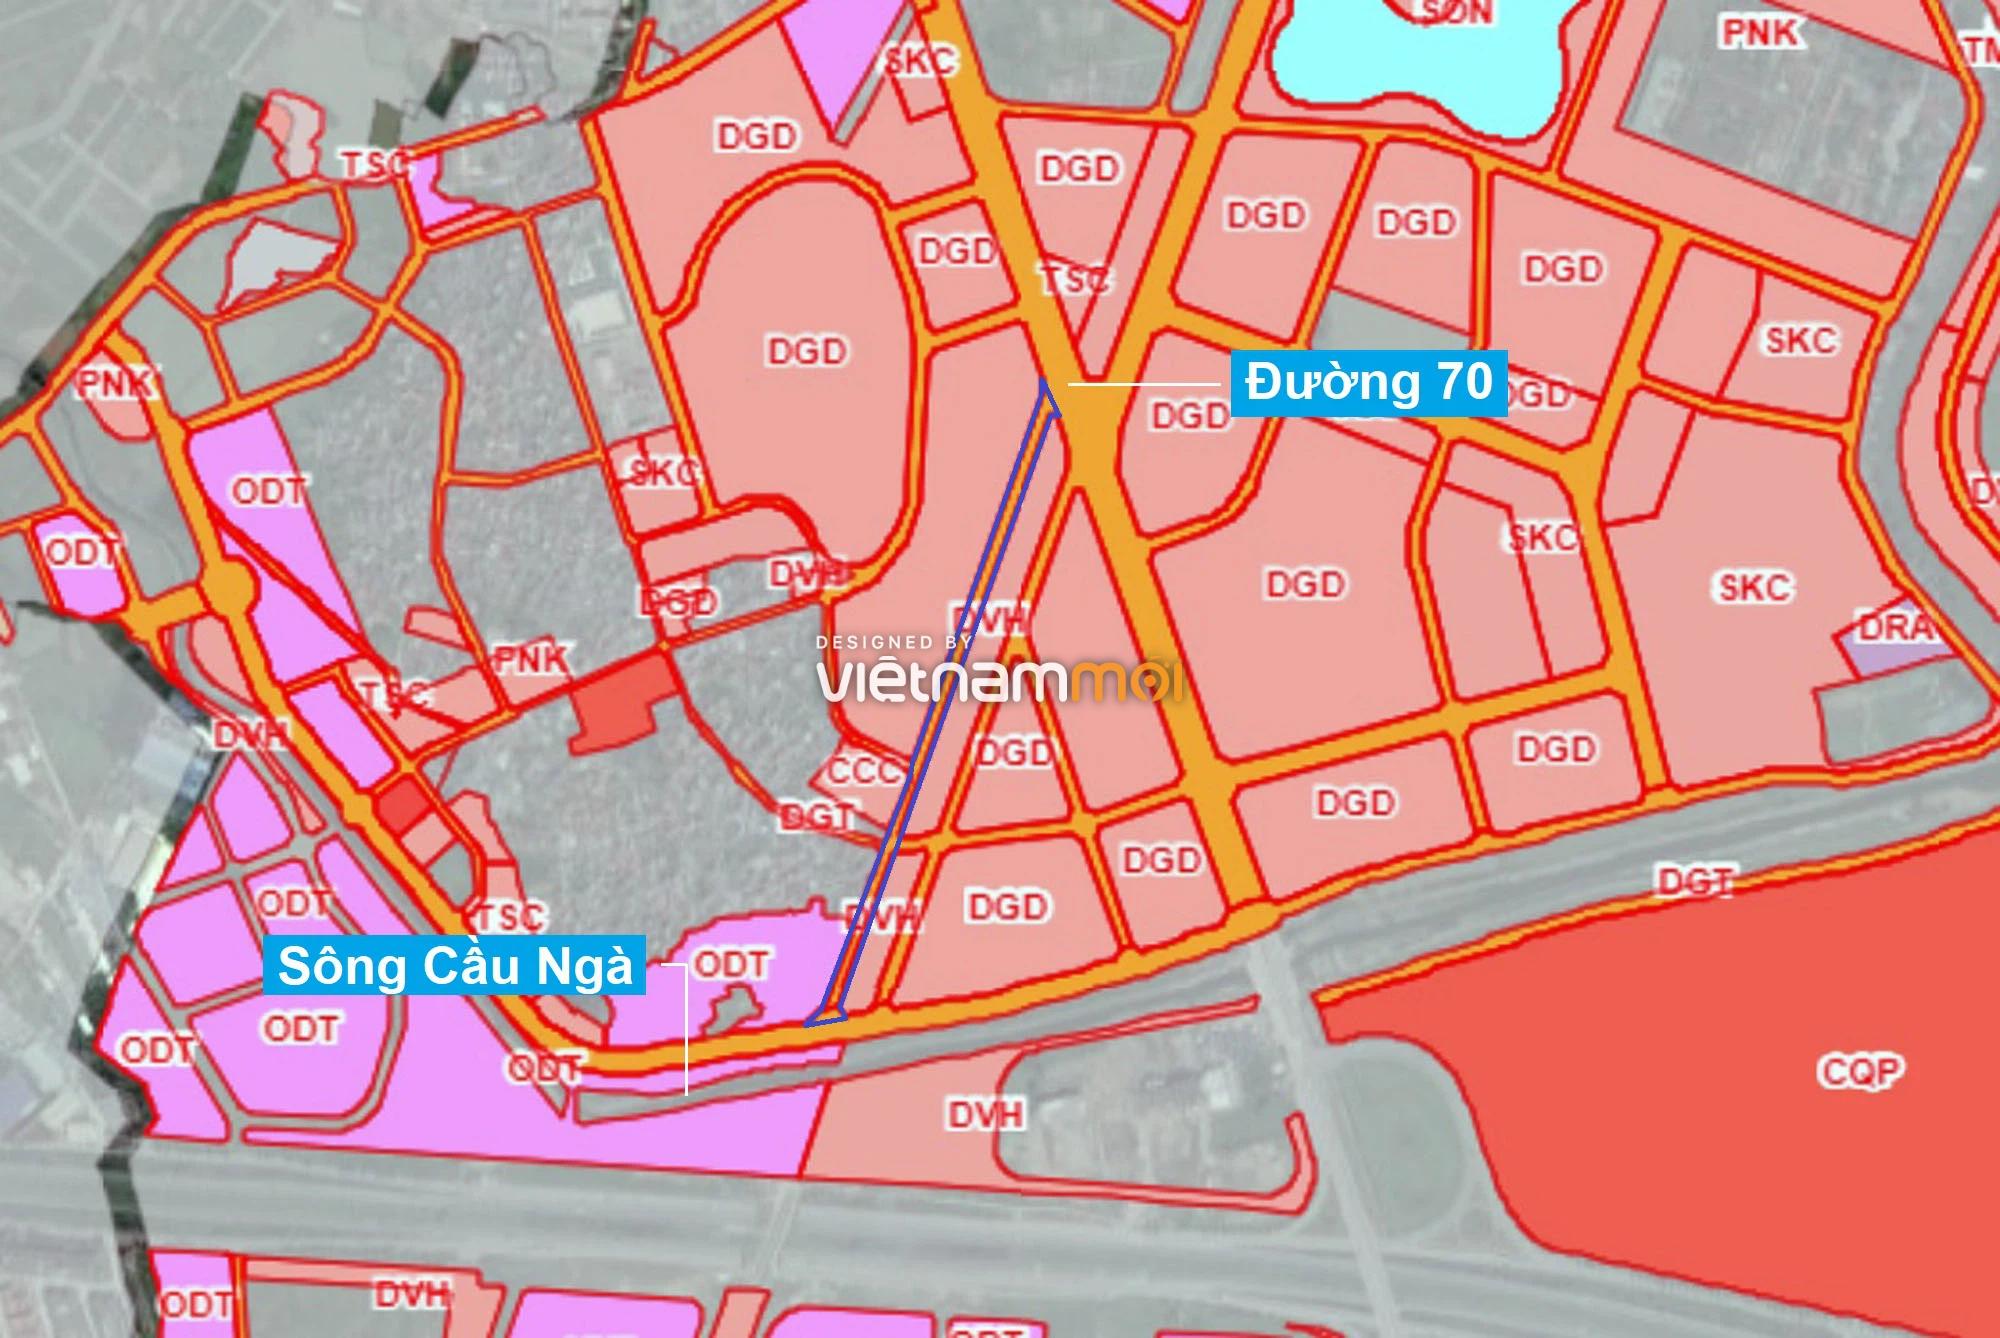 Những khu đất sắp thu hồi để mở đường ở phường Tây Mỗ, Nam Từ Liêm, Hà Nội (phần 4) - Ảnh 1.